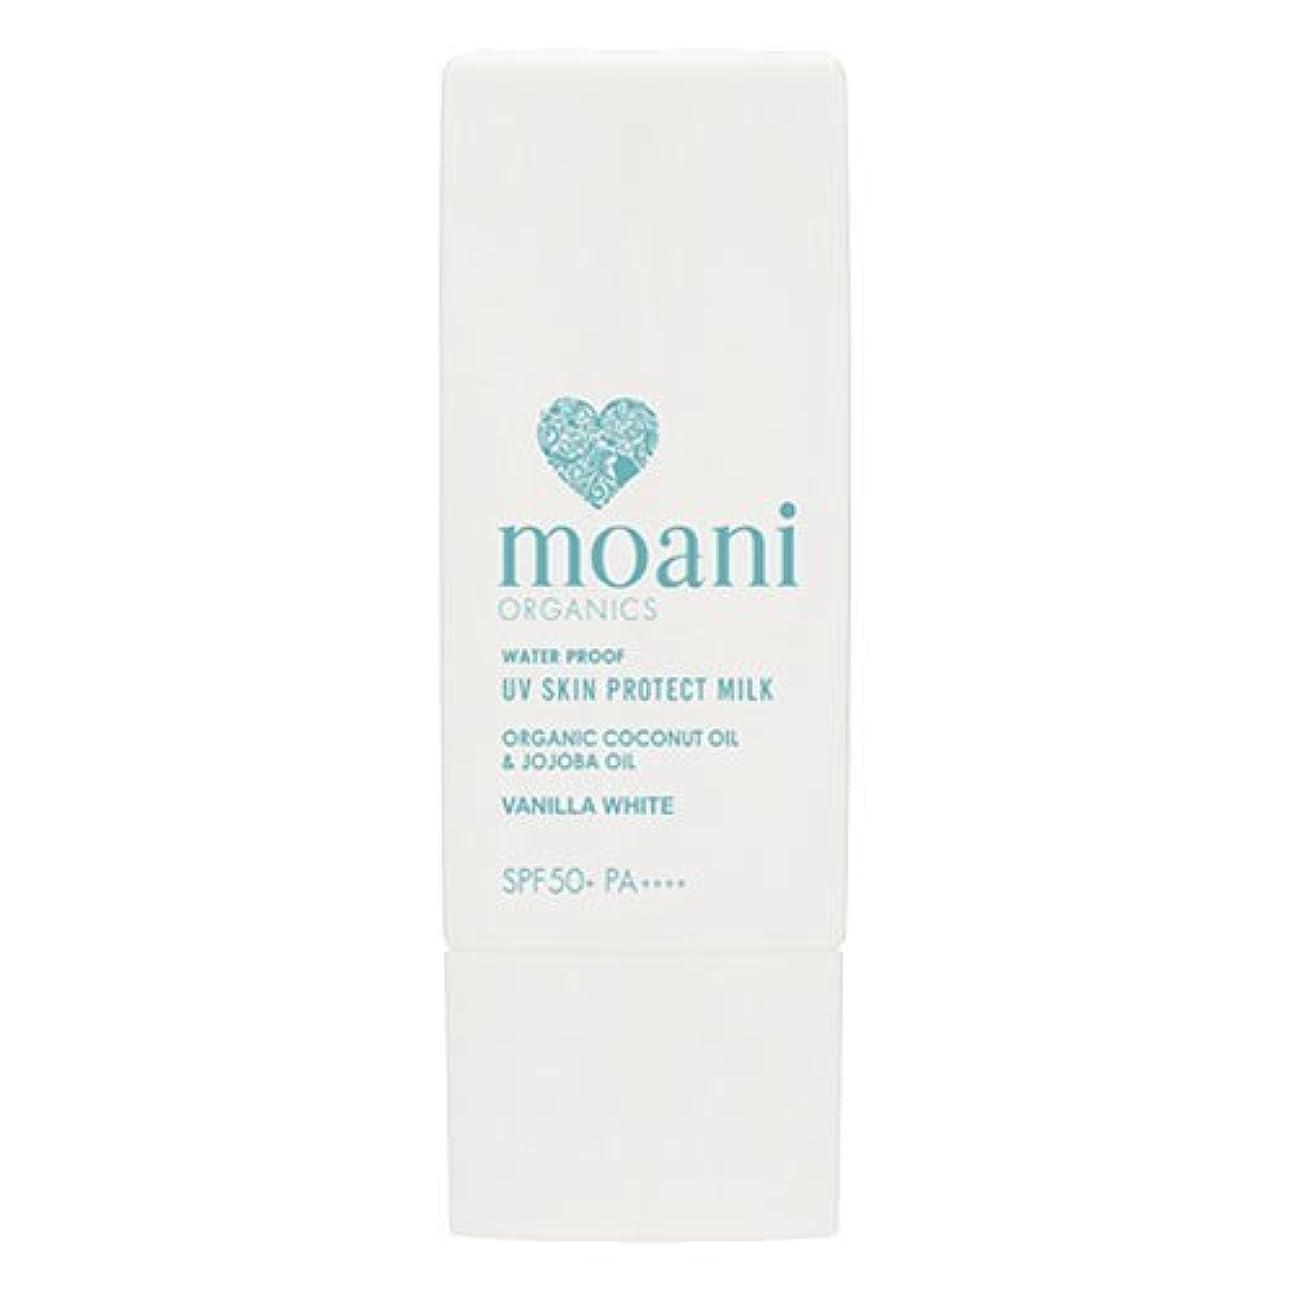 マート挑むスクレーパーmoani organics UV SKIN PROTECT MILK vanilla white(顔用日焼け止め)